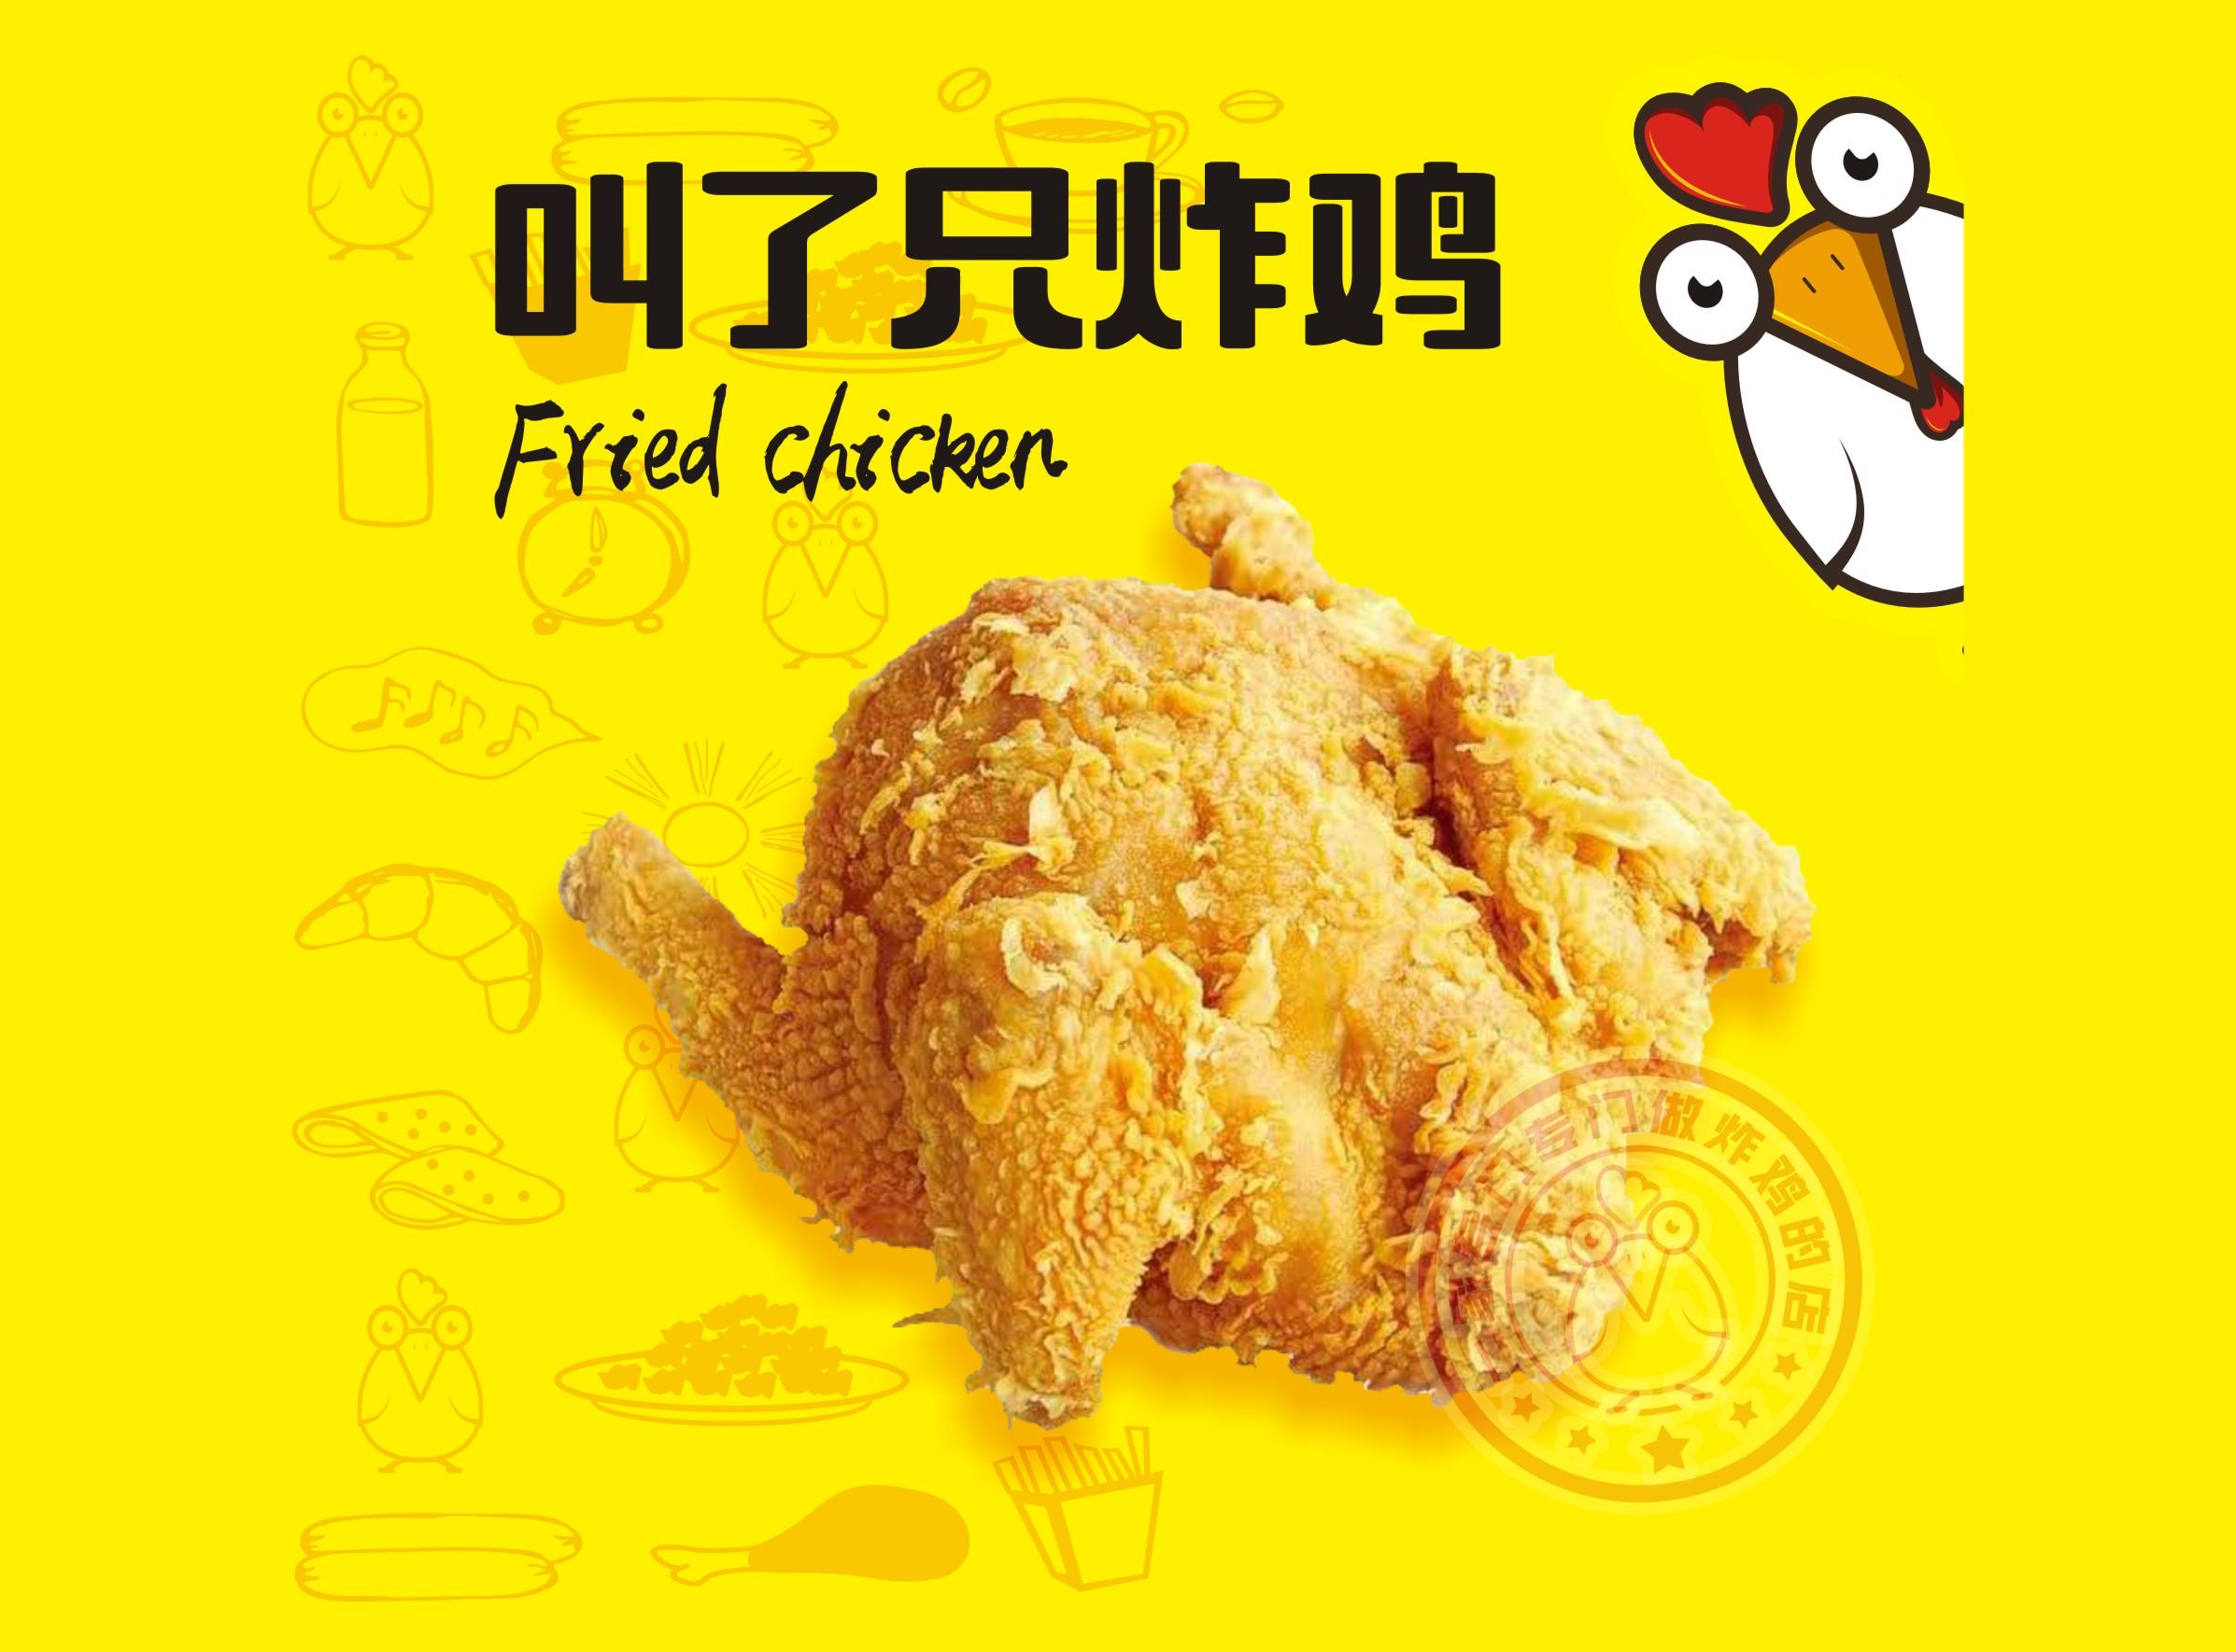 上海專業炸雞店加盟怎么樣_物有所值餐飲娛樂加盟-湖北雙狼餐飲管理有限公司